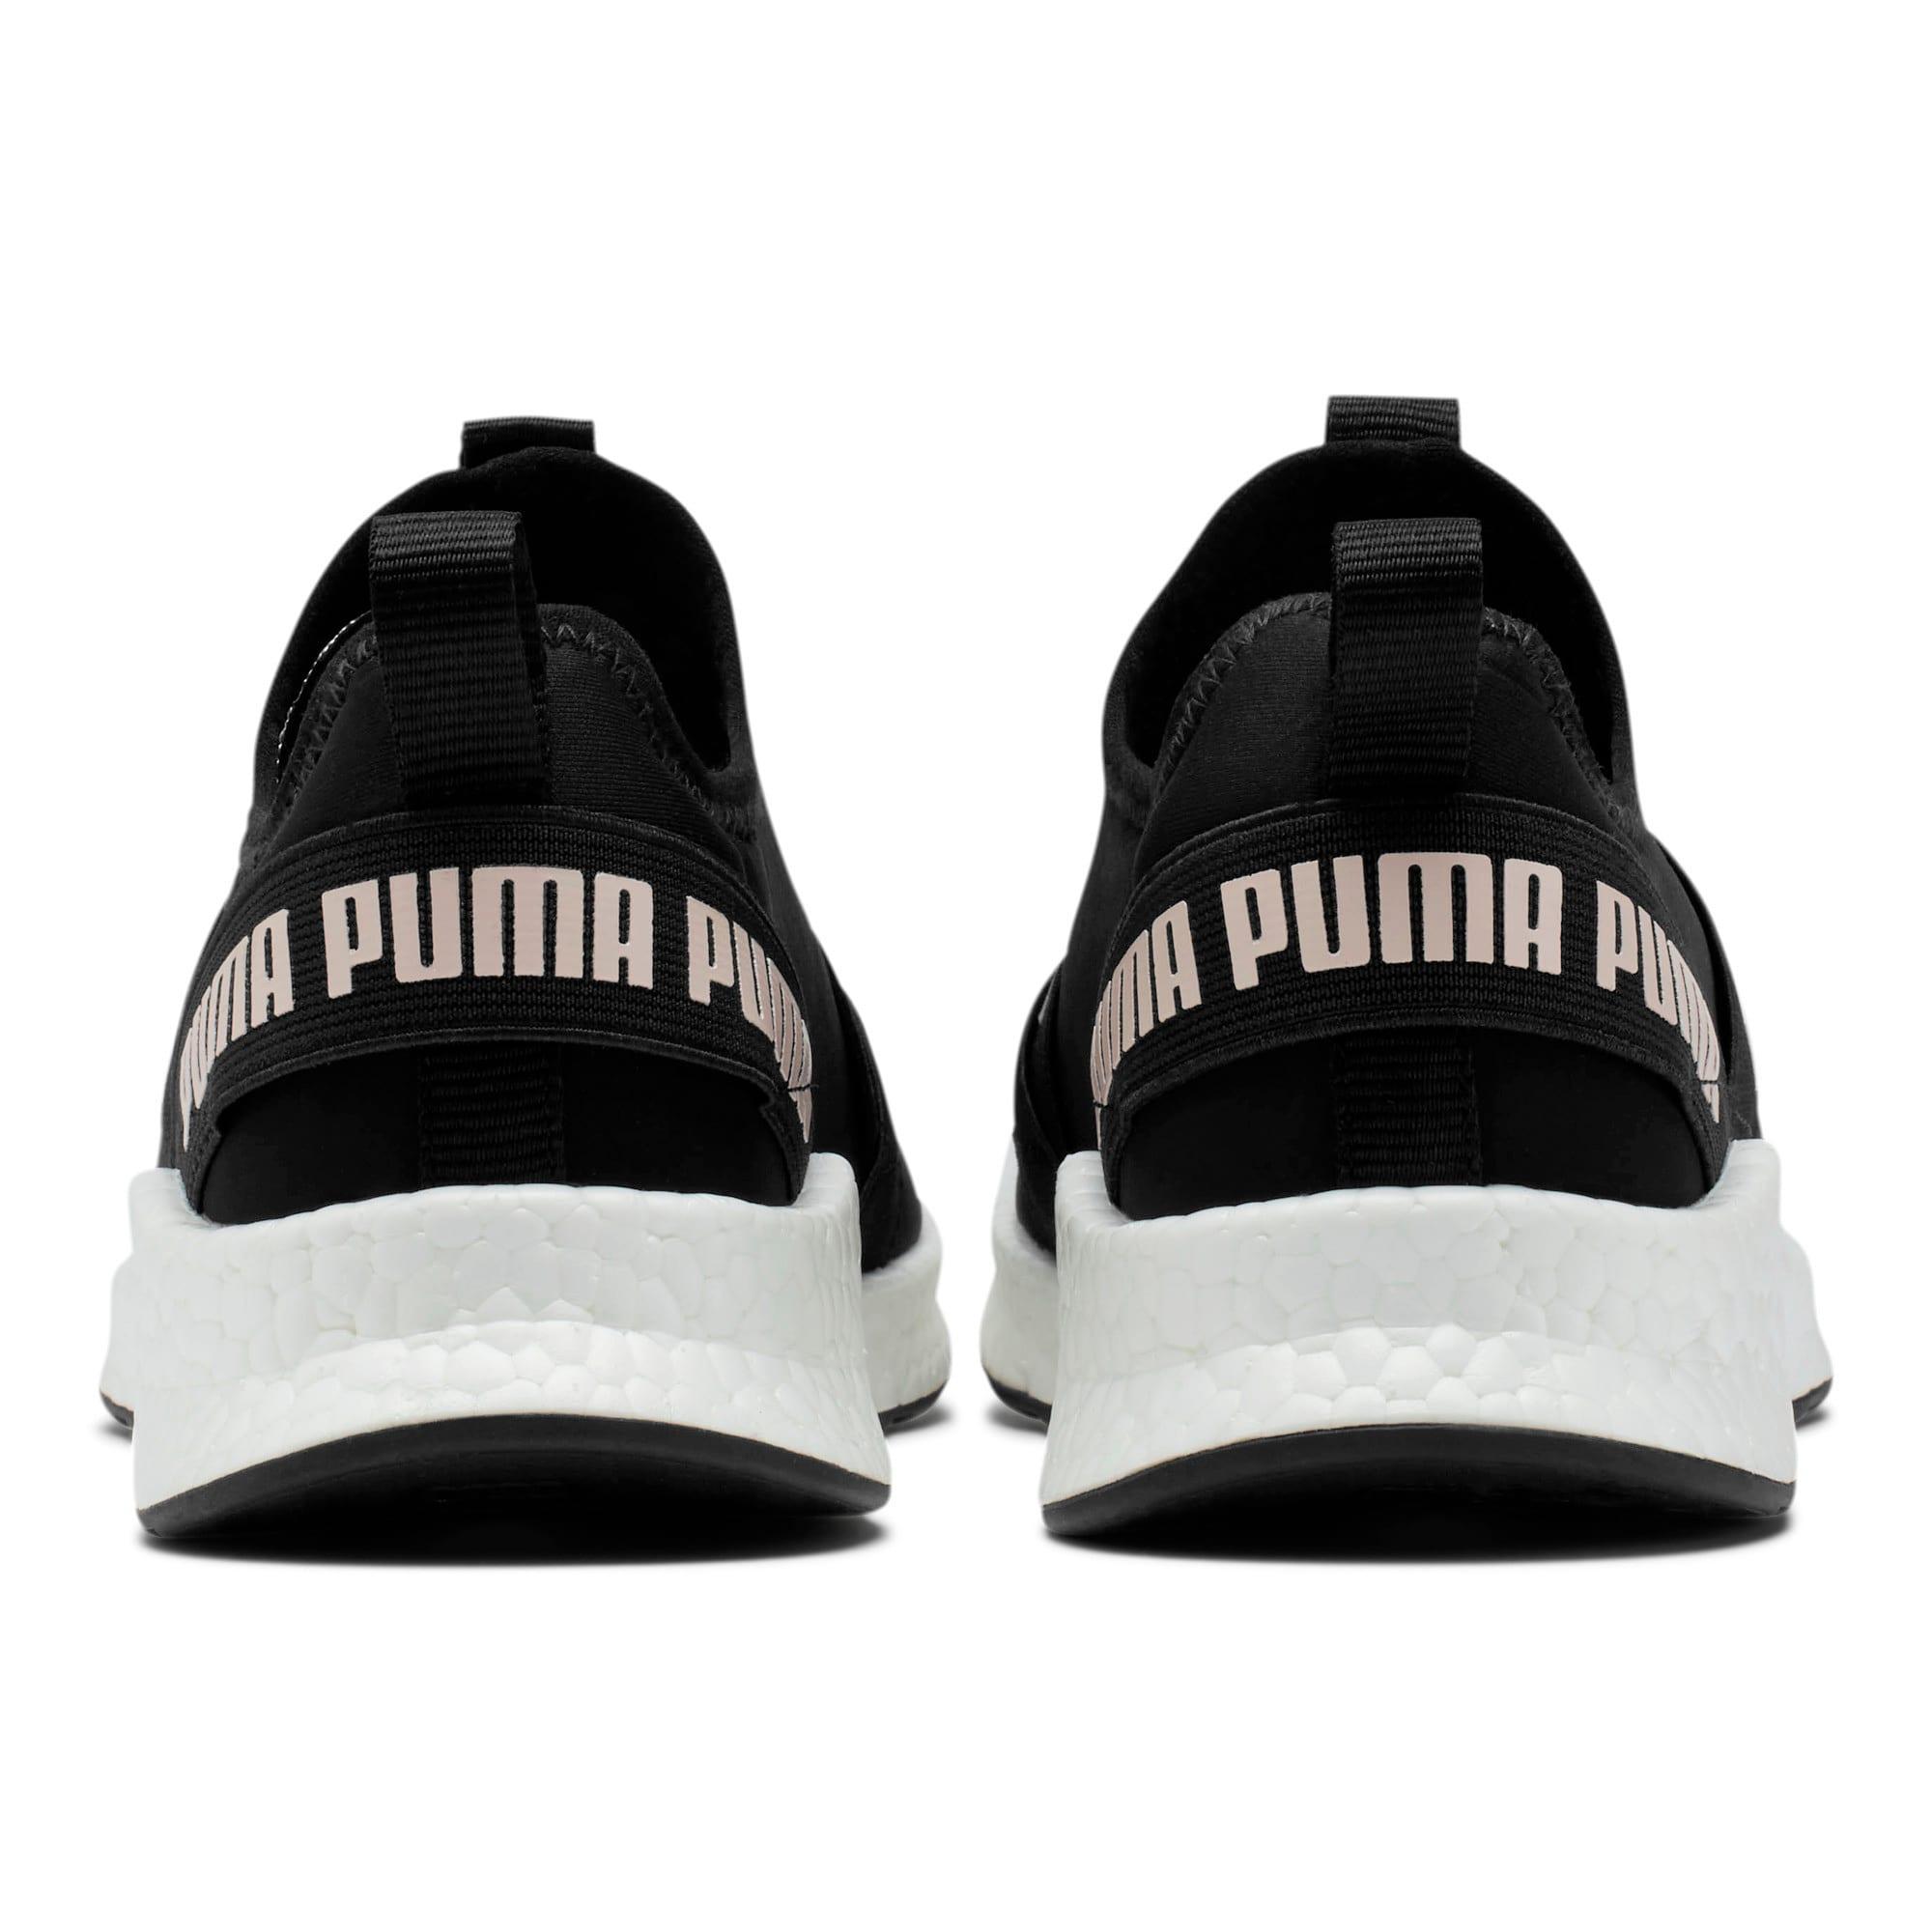 Thumbnail 3 of NRGY Star Slip-On Women's Running Shoes, Black-Pearl-White, medium